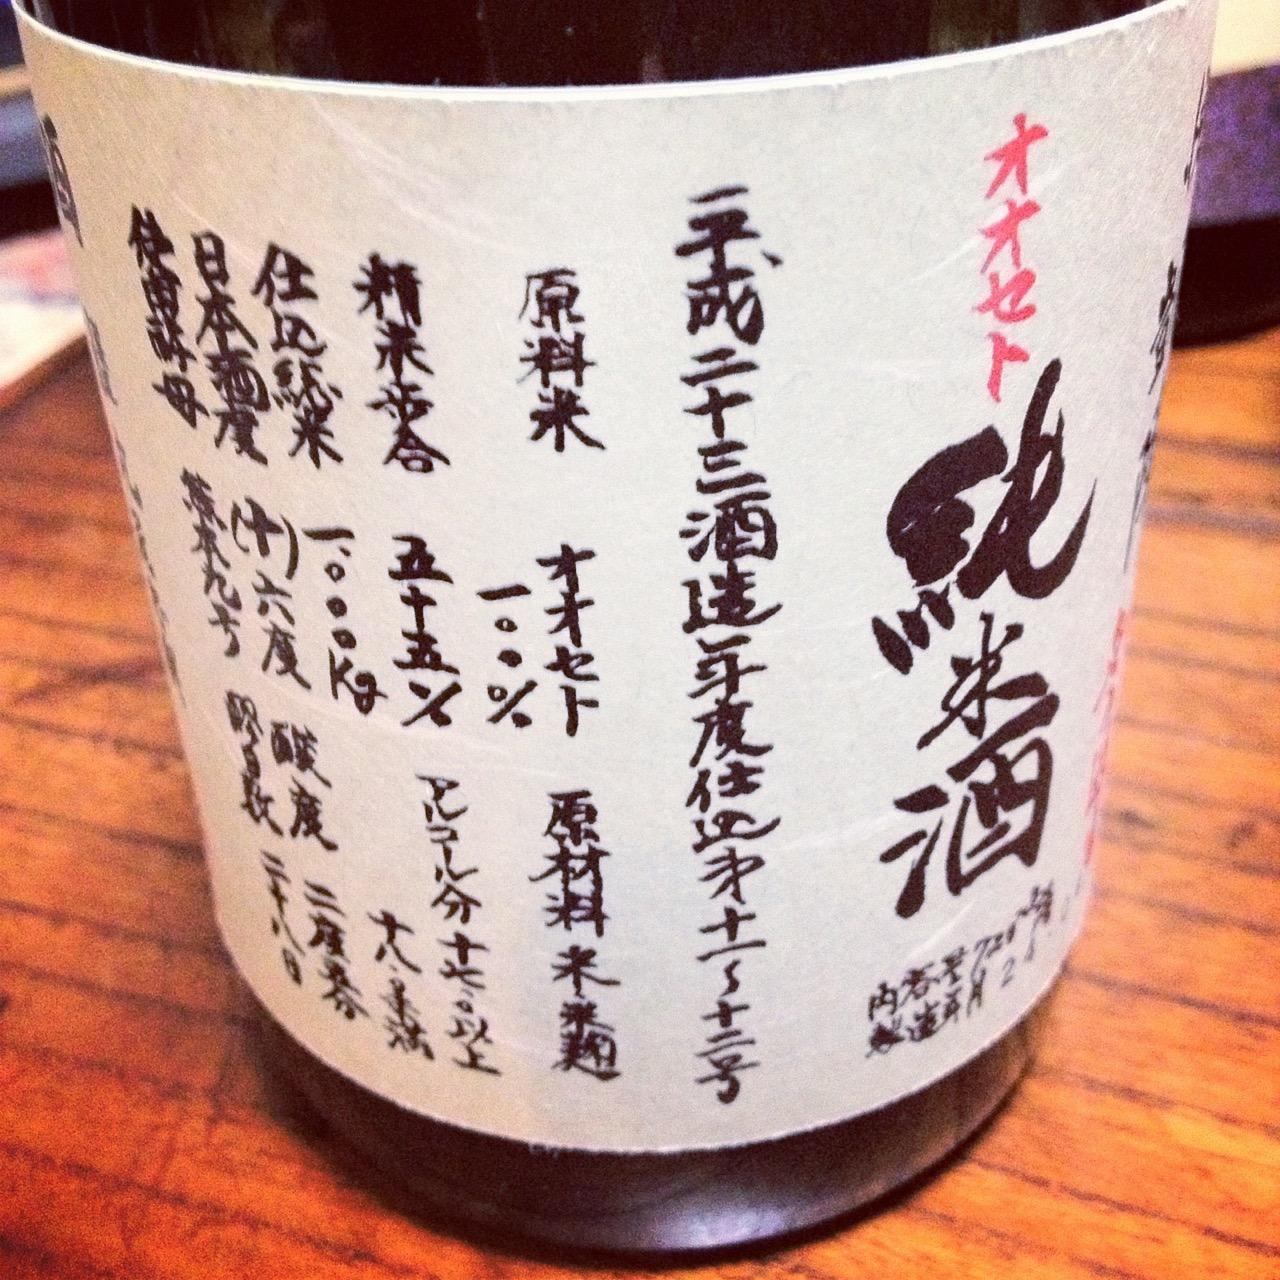 悦凱陣 純米山廃オオセトむろか生 日本酒テイスティングノート